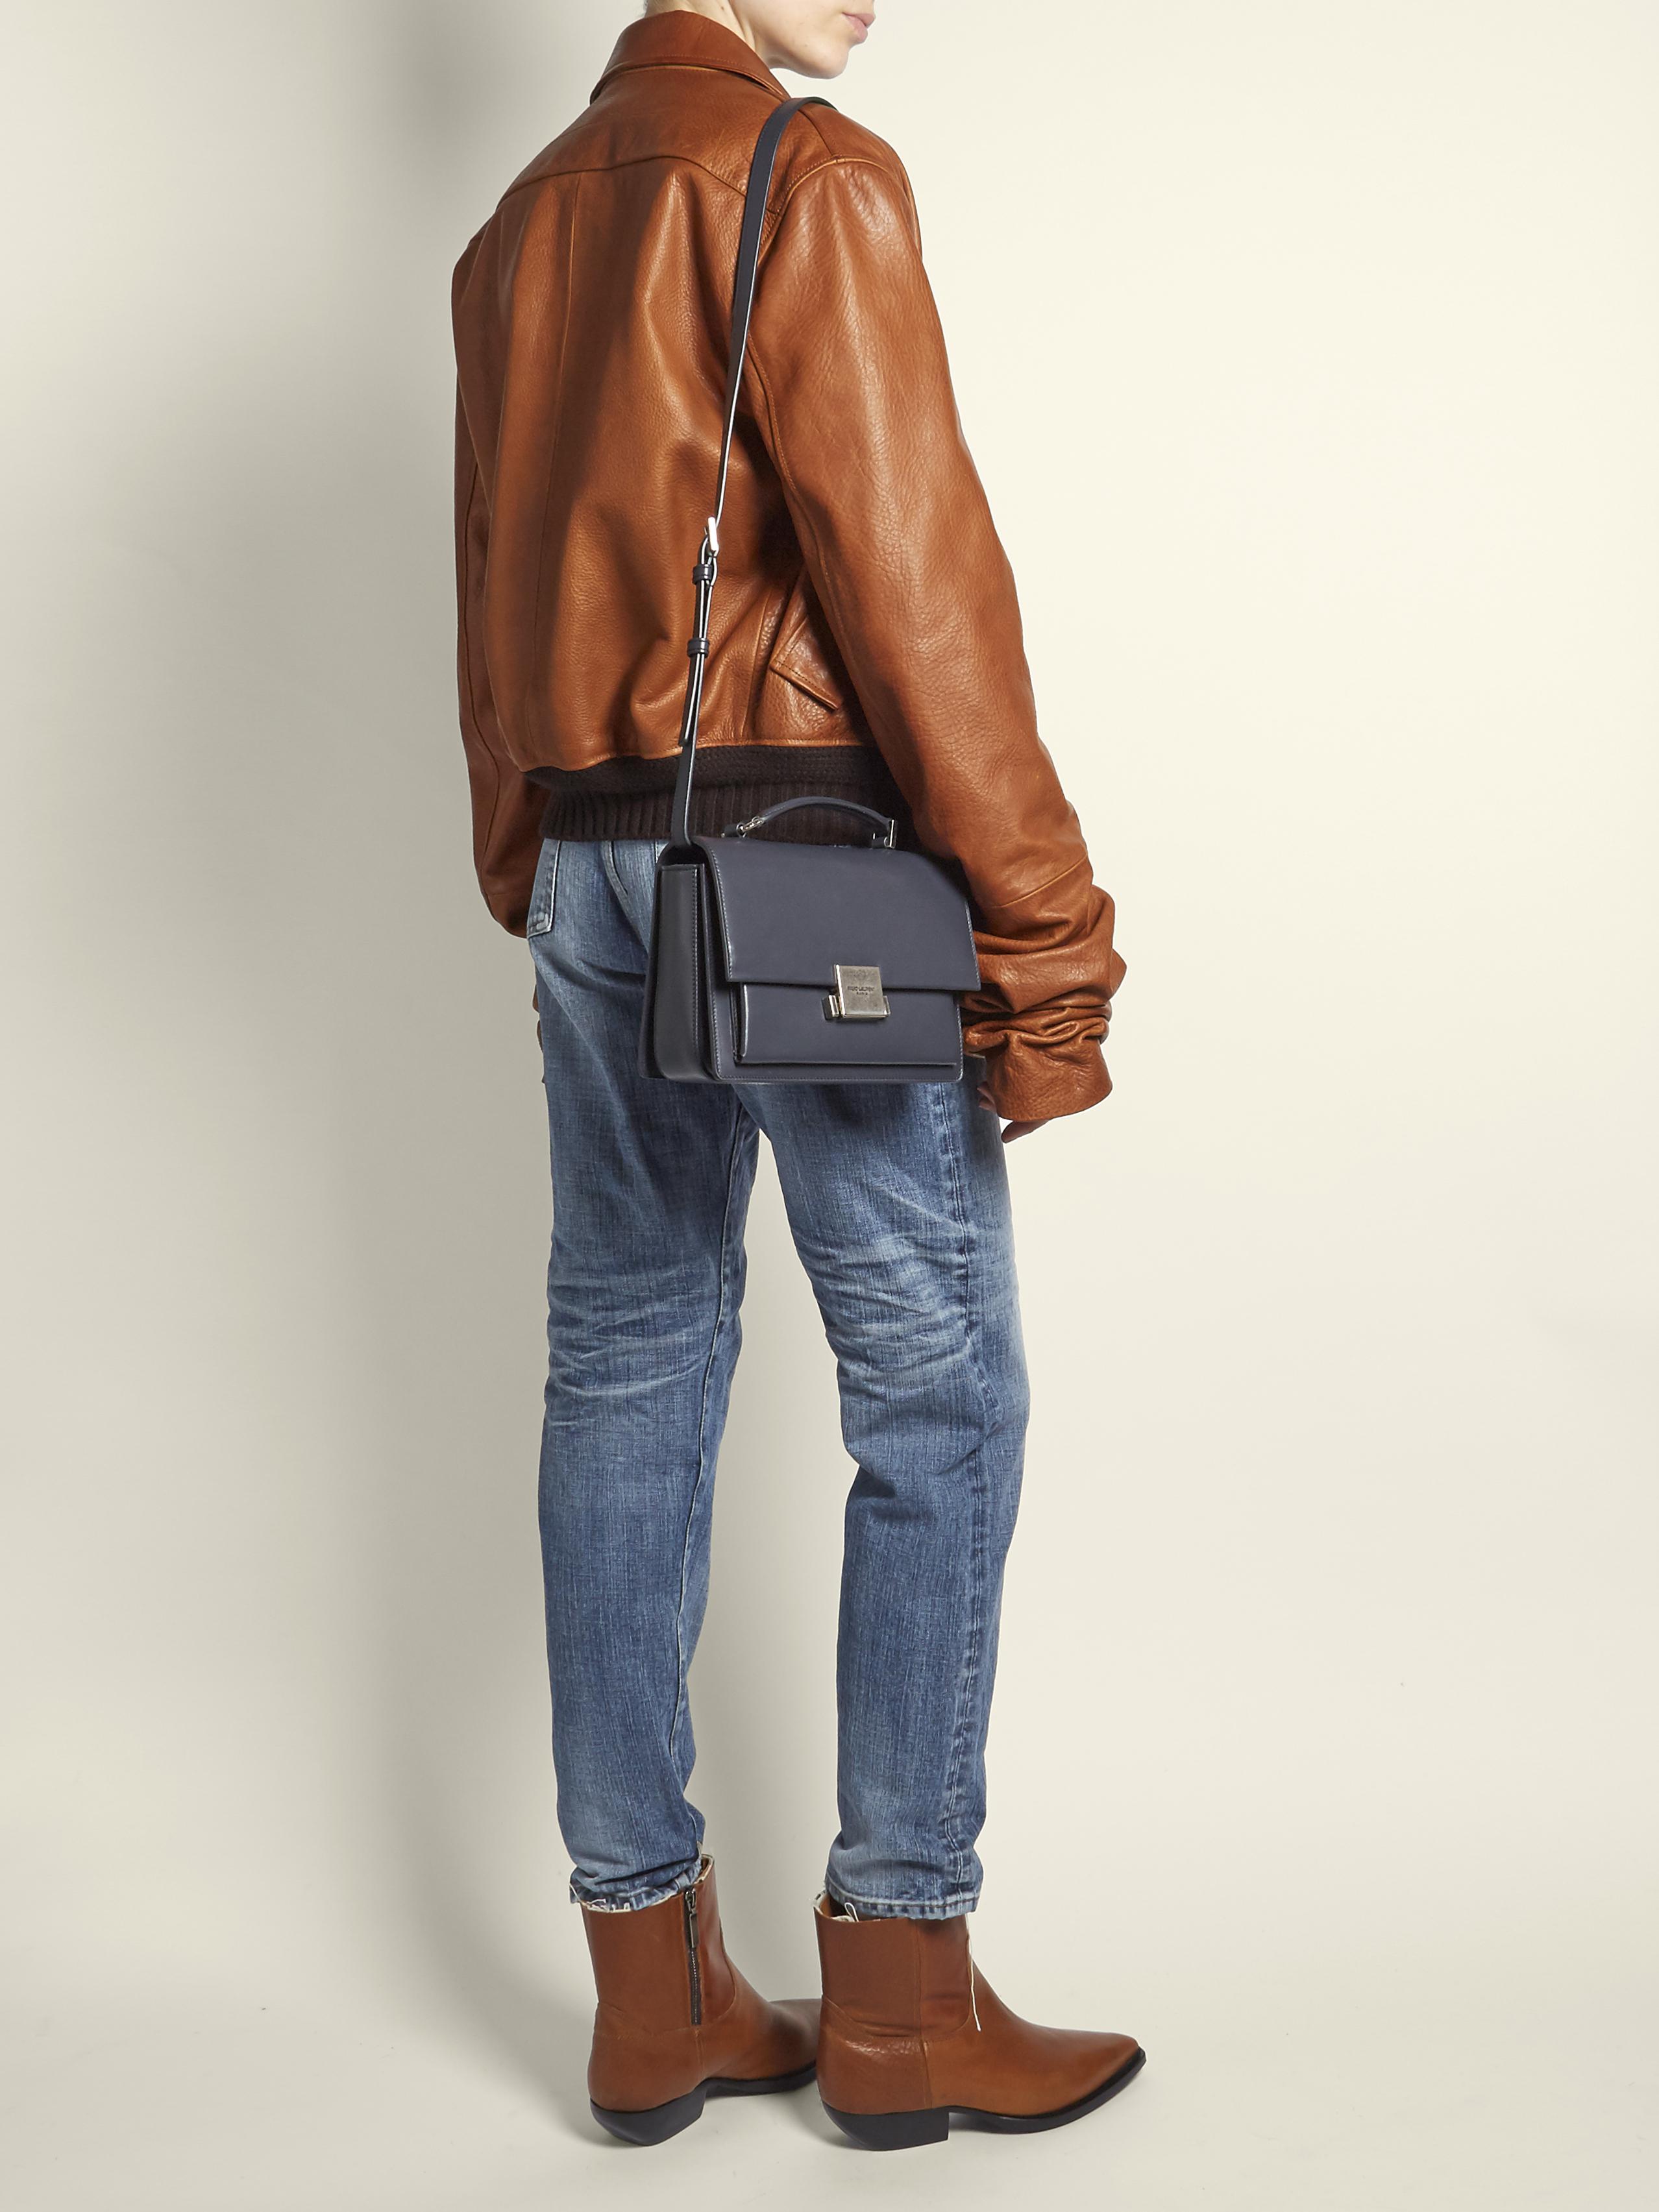 medium Bellechasse shoulder bag - Grey Saint Laurent gmmk510hkB